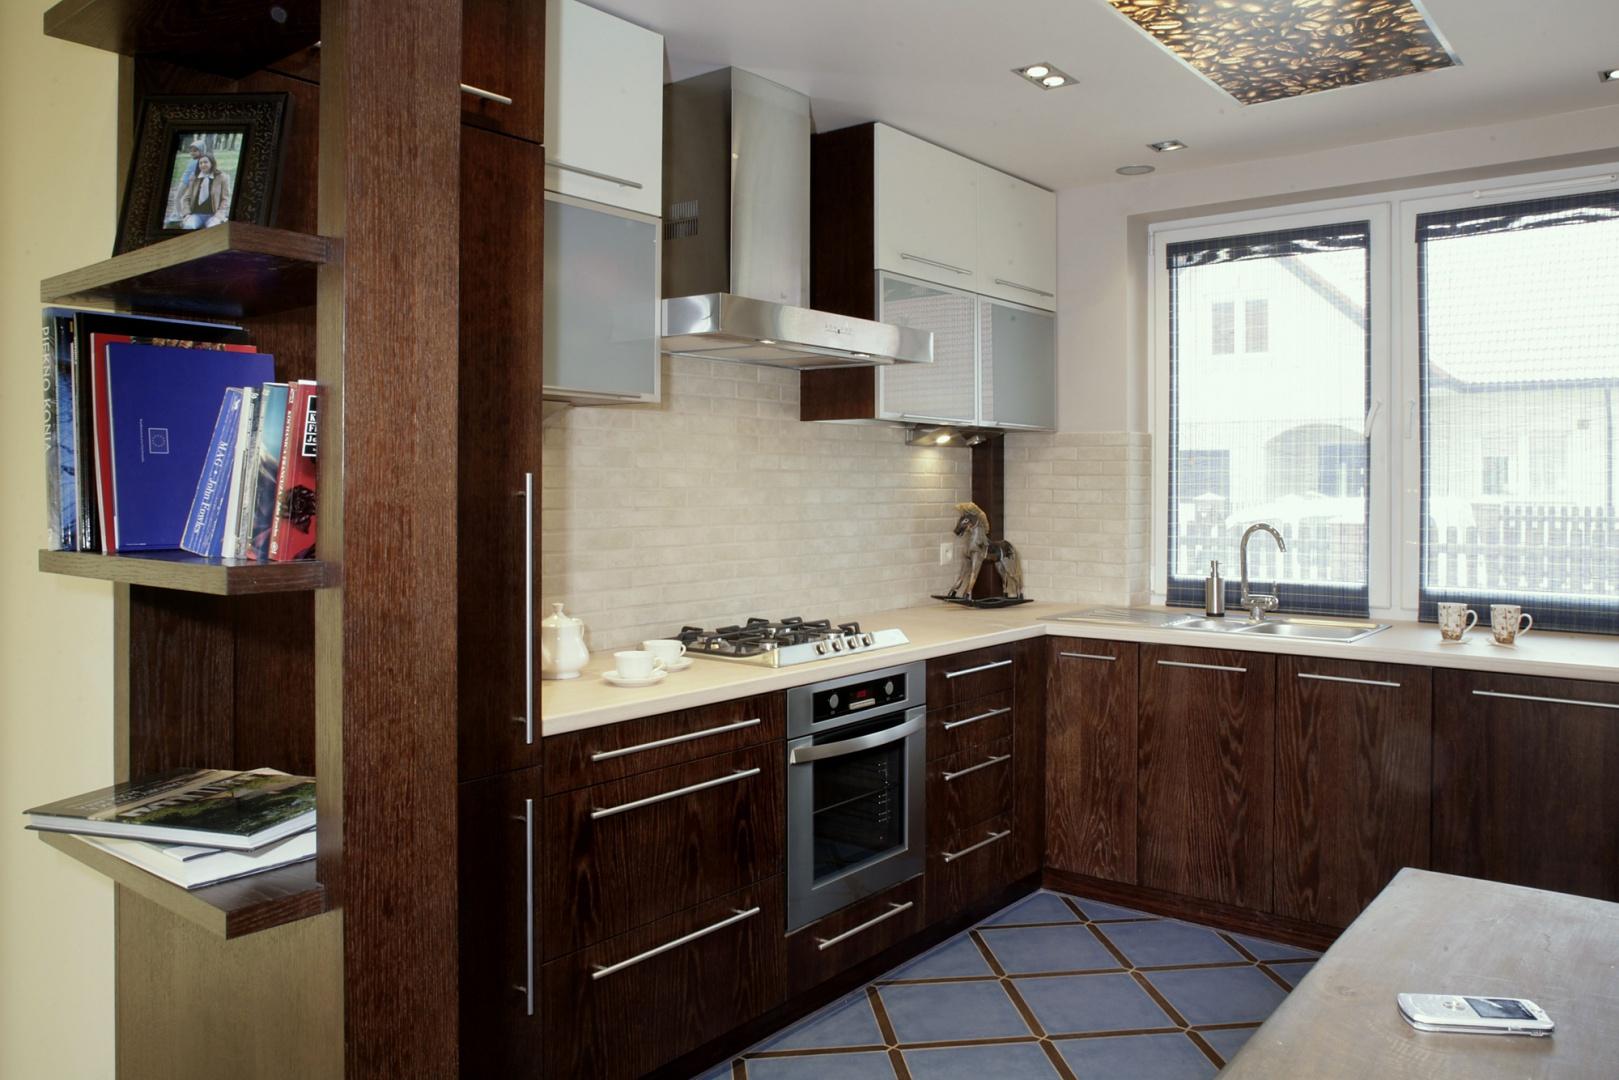 Postarzone cegły na To kuchnia, w której aż chce się   -> Kuchnia I Cegla